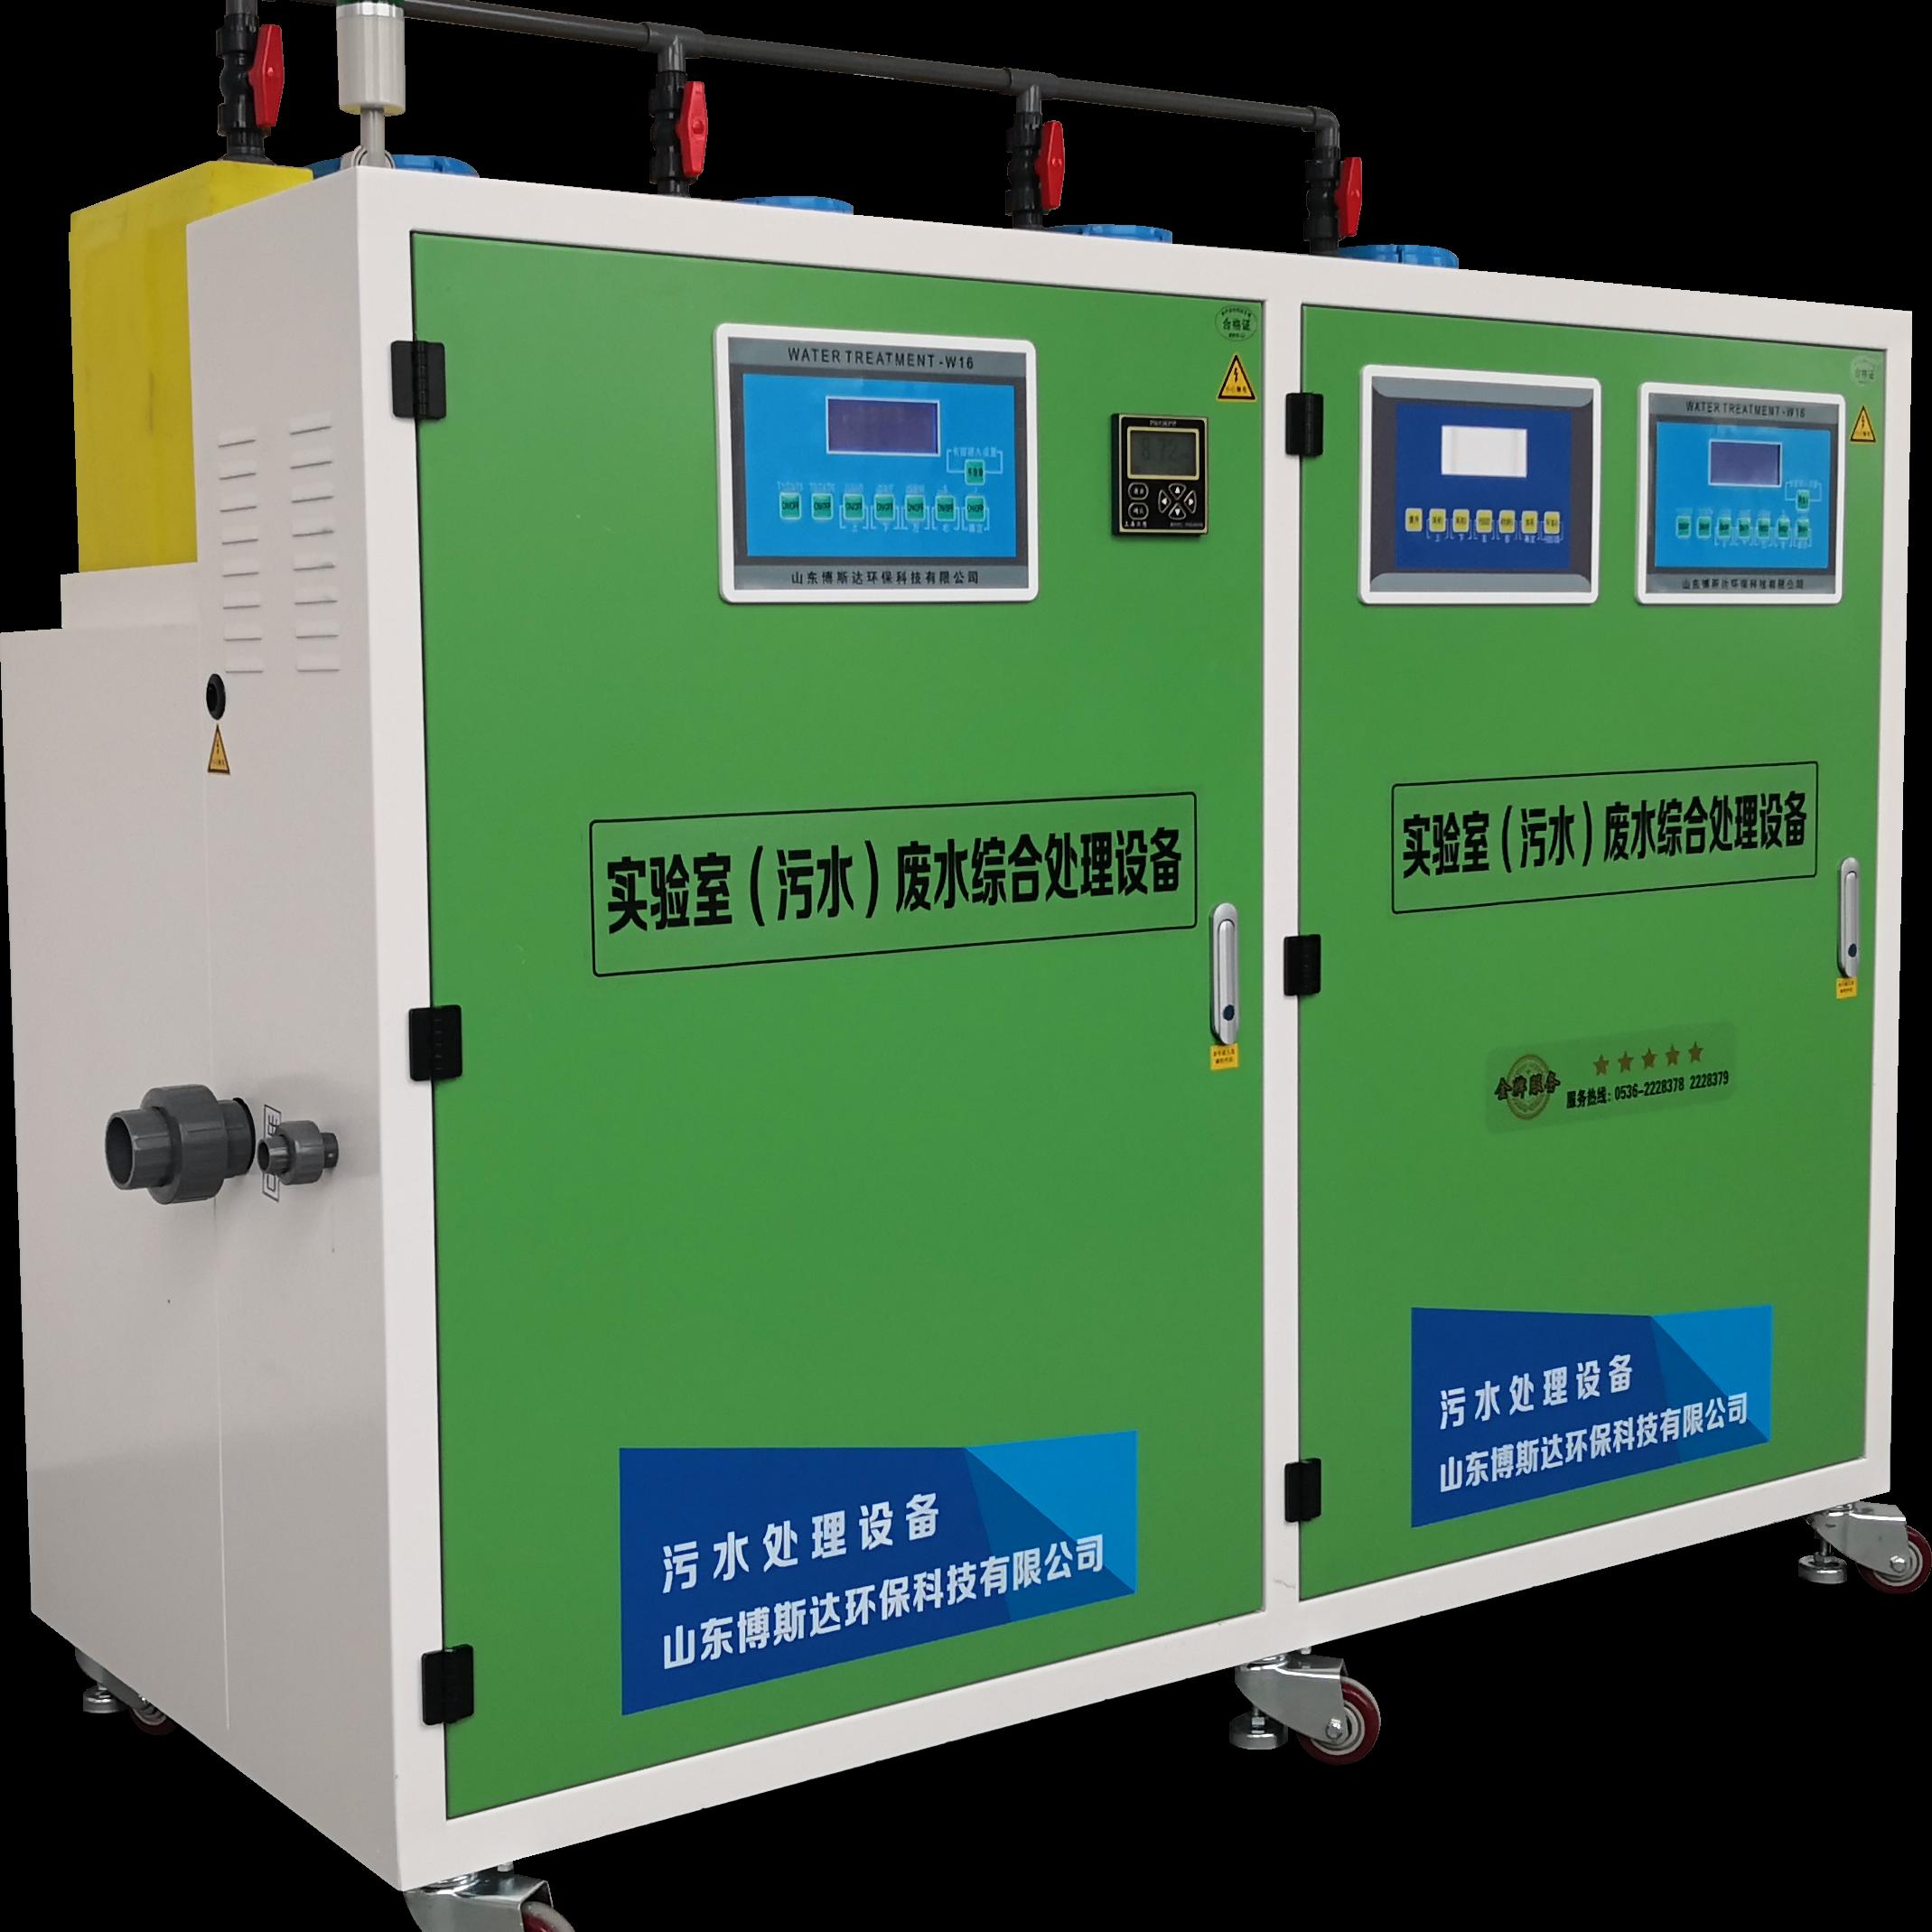 实验室污水处理设备 概念解析